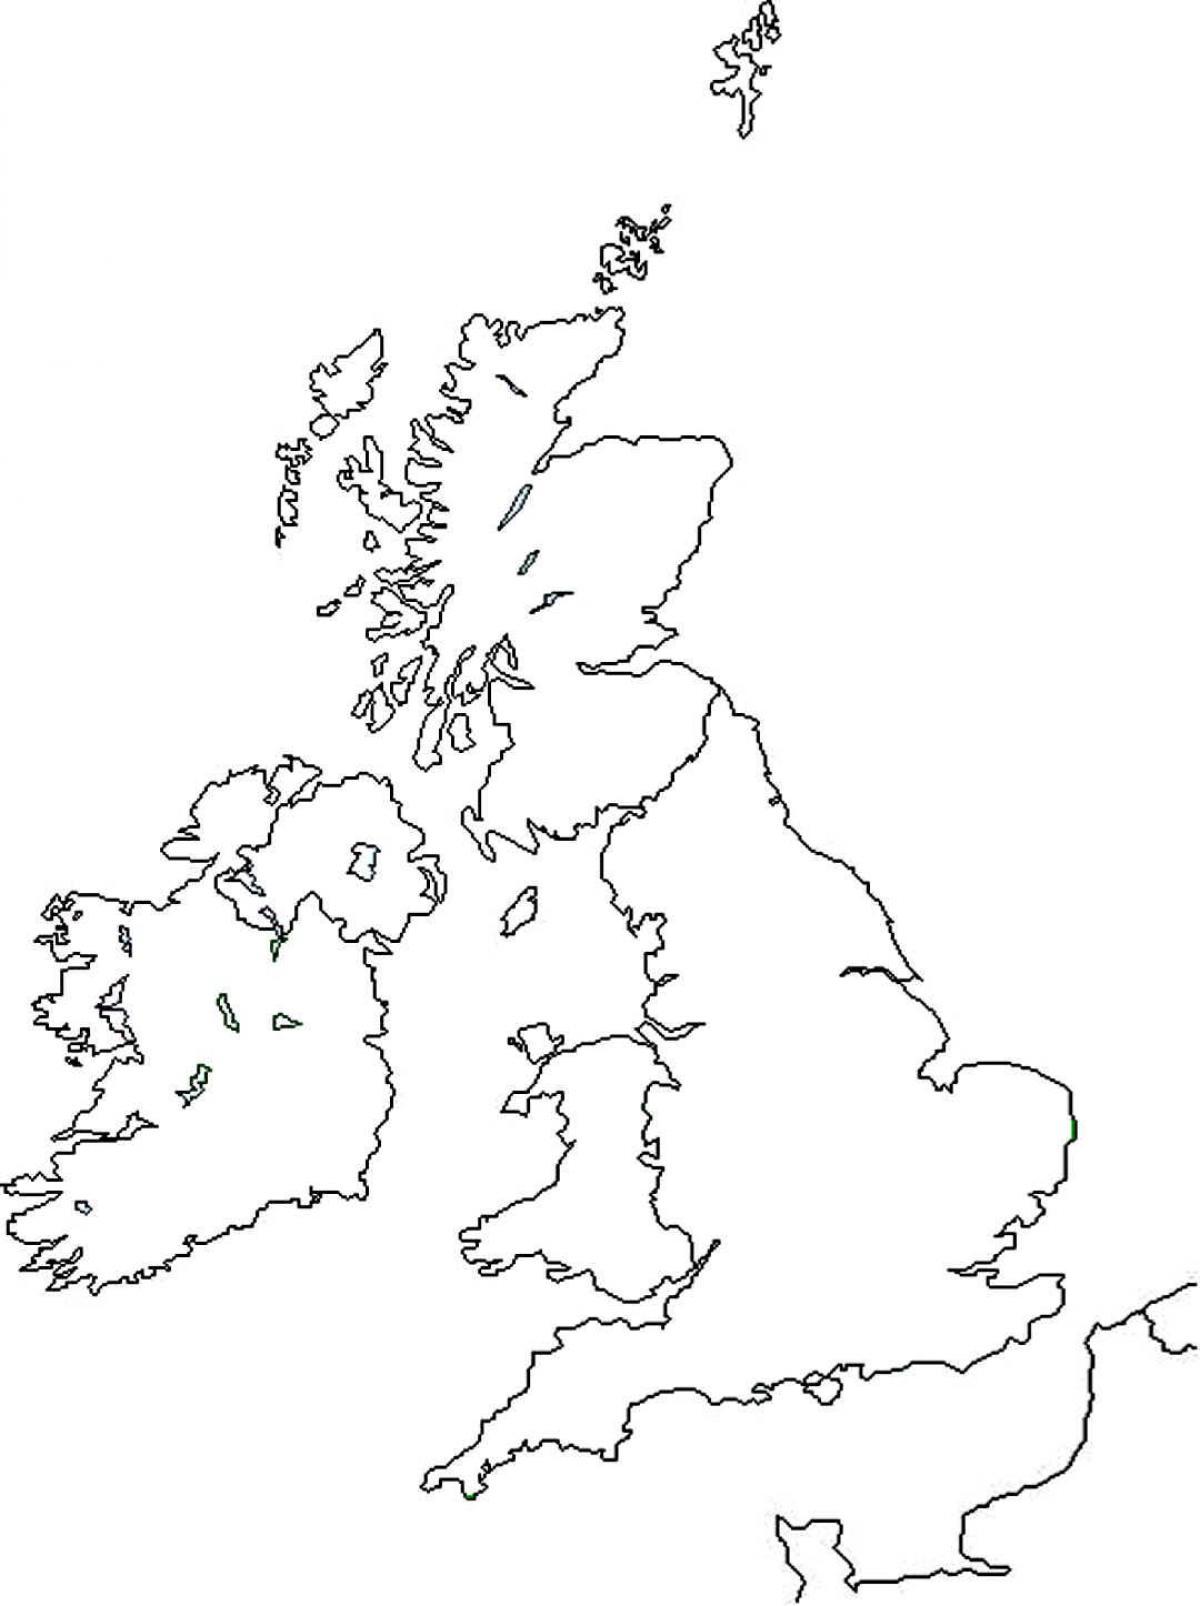 Großbritannien Karte Umriss.Großbritannien Karte Umriss Karte Von Großbritannien Gliederung